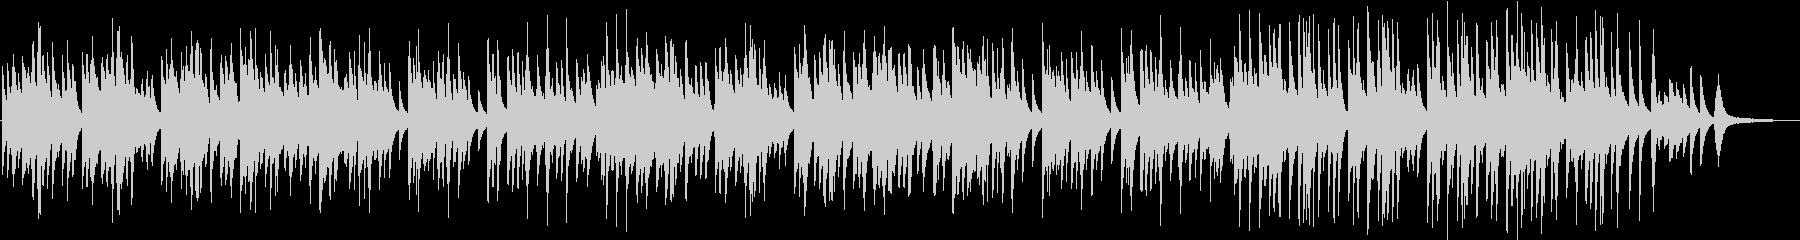 切なくも凛とした和なピアノソロBGMの未再生の波形